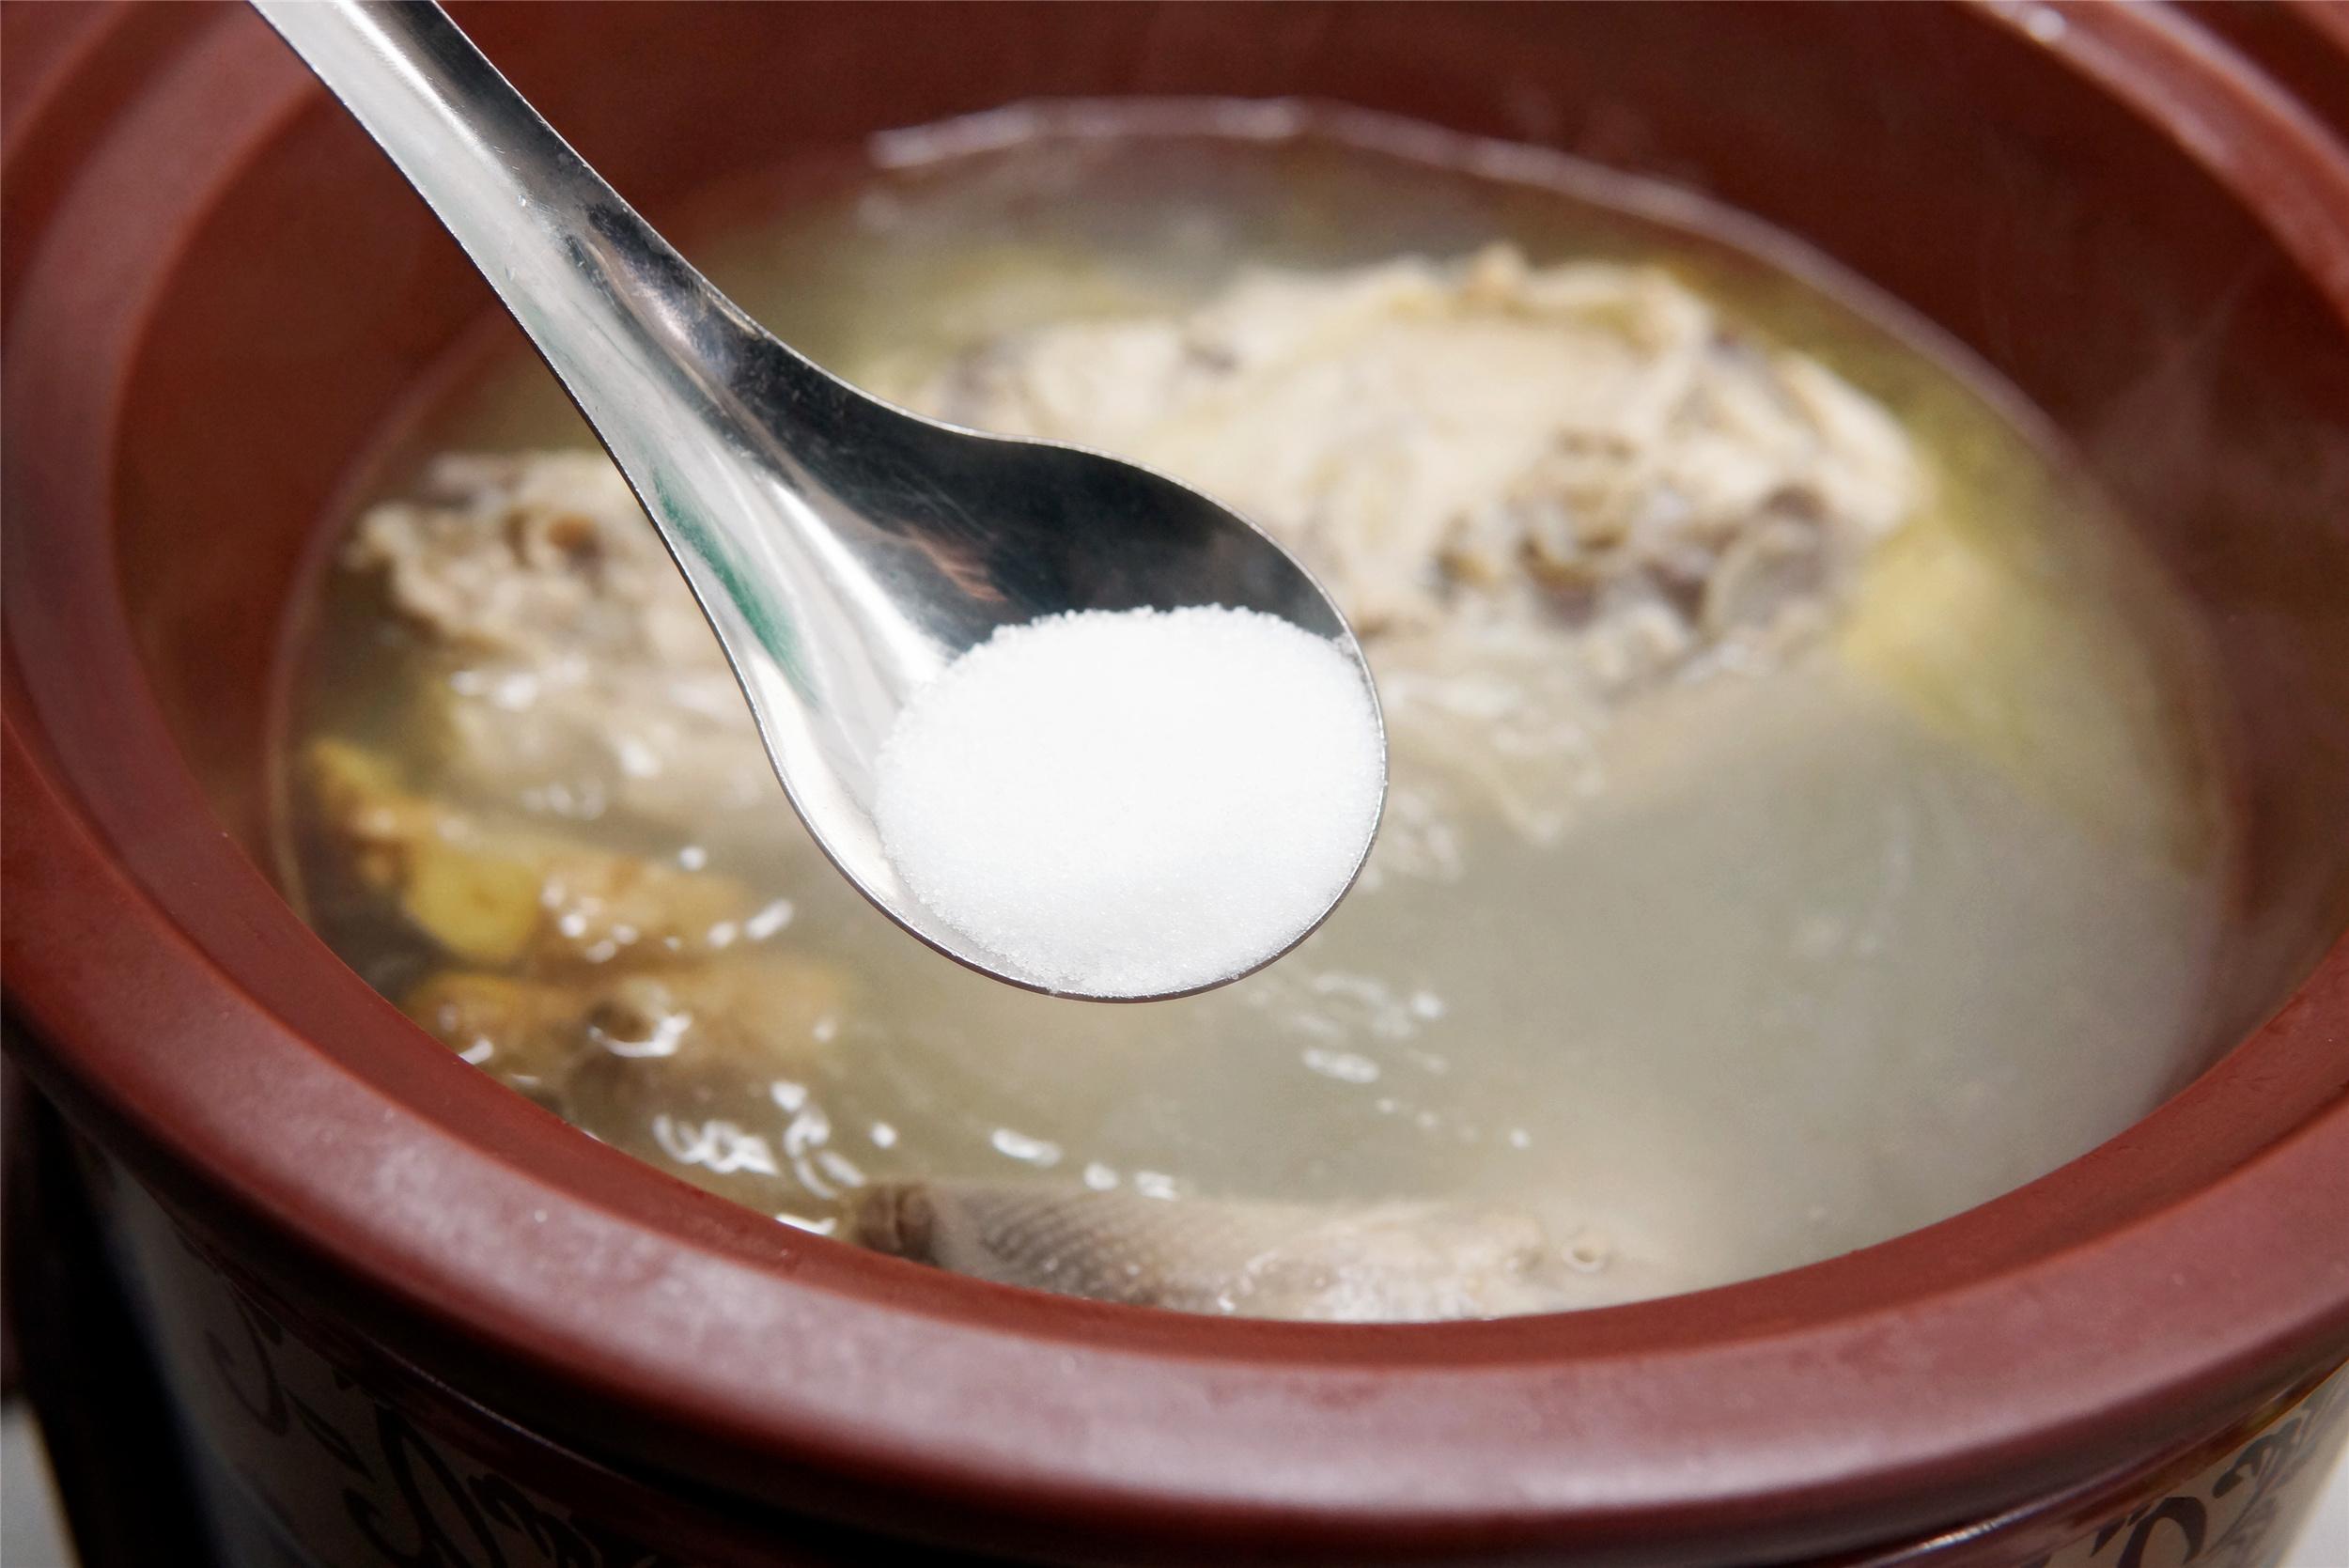 家用高汤熬制配方,一次做好放冰箱,随吃随取,煮啥都香 美食做法 第12张